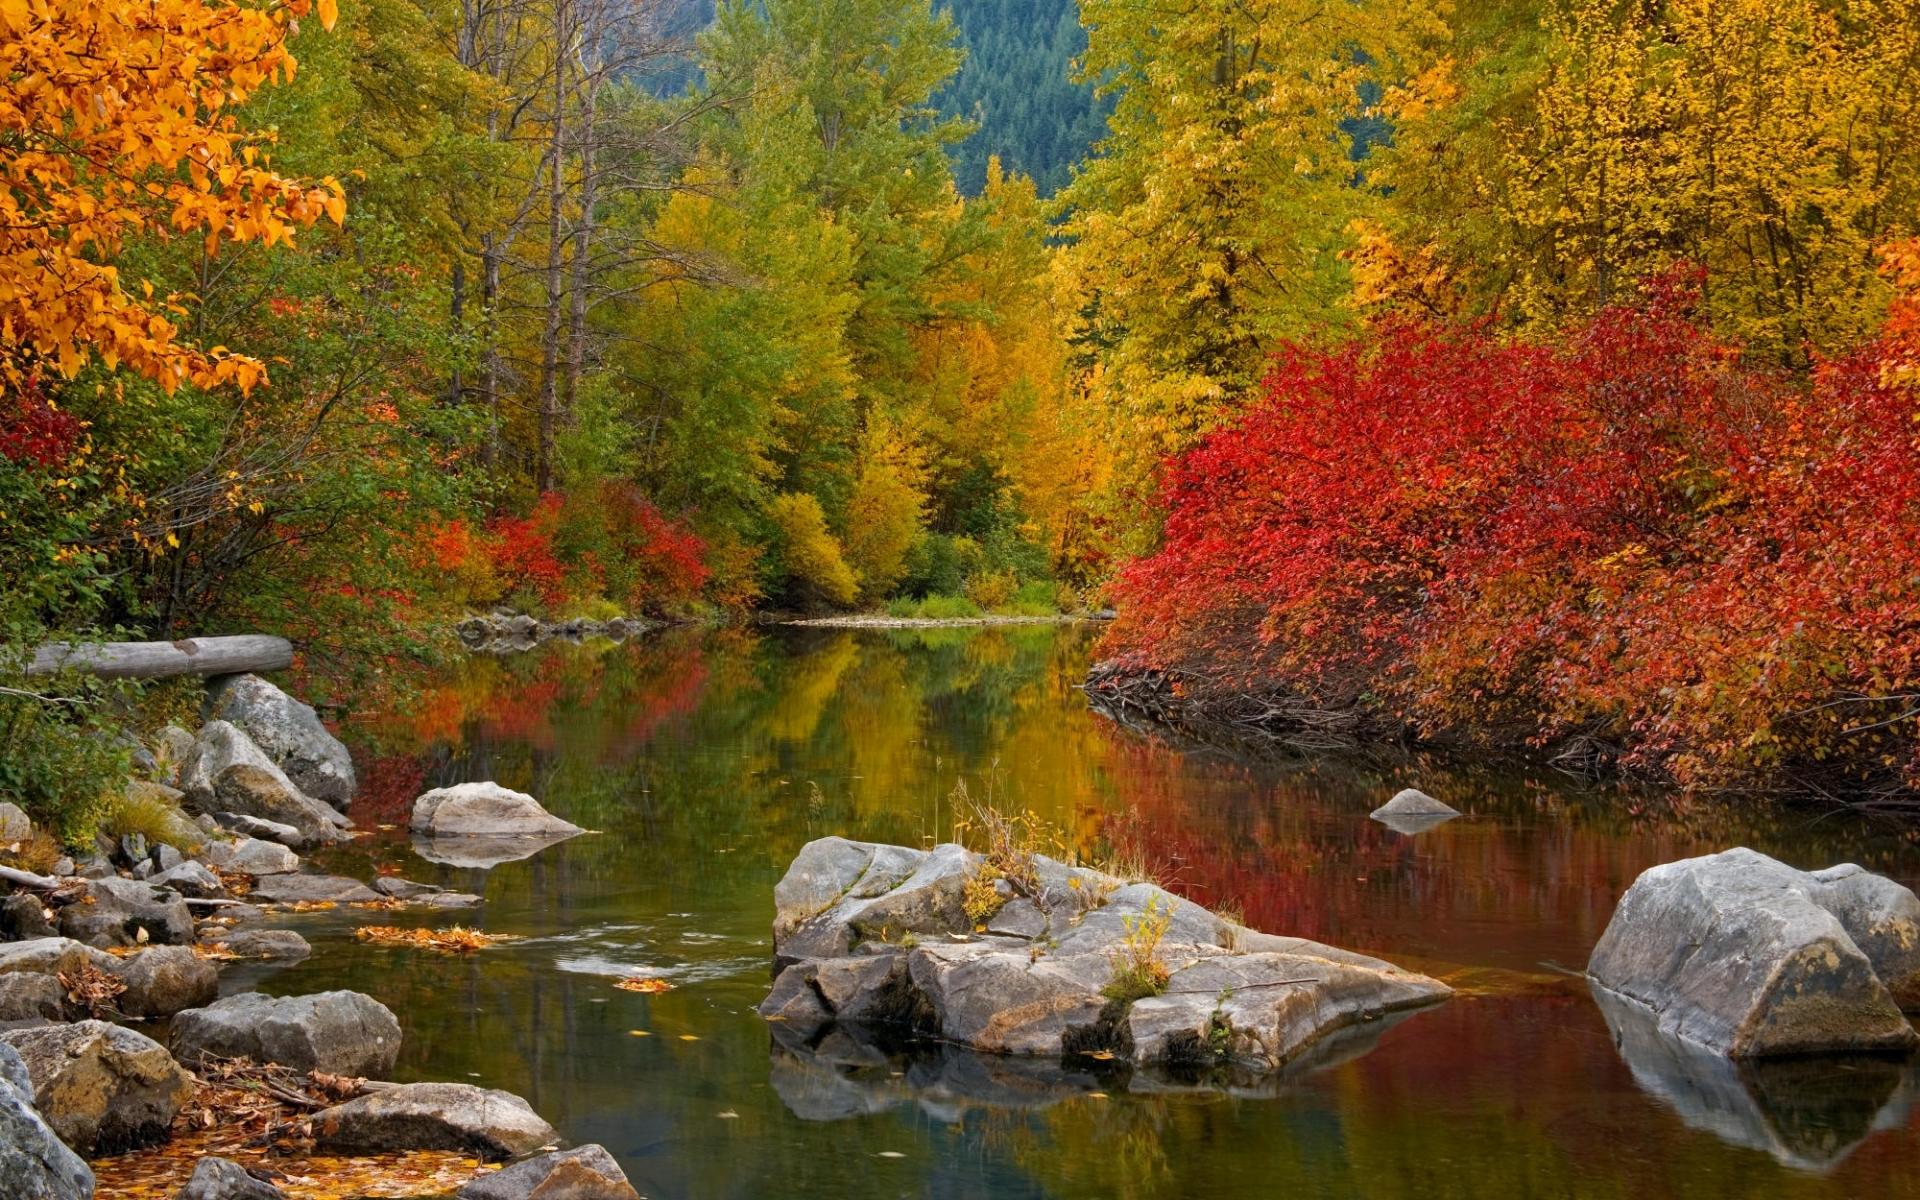 Скачать картинку Пейзаж, Река, Камни, Осень в телефон бесплатно.